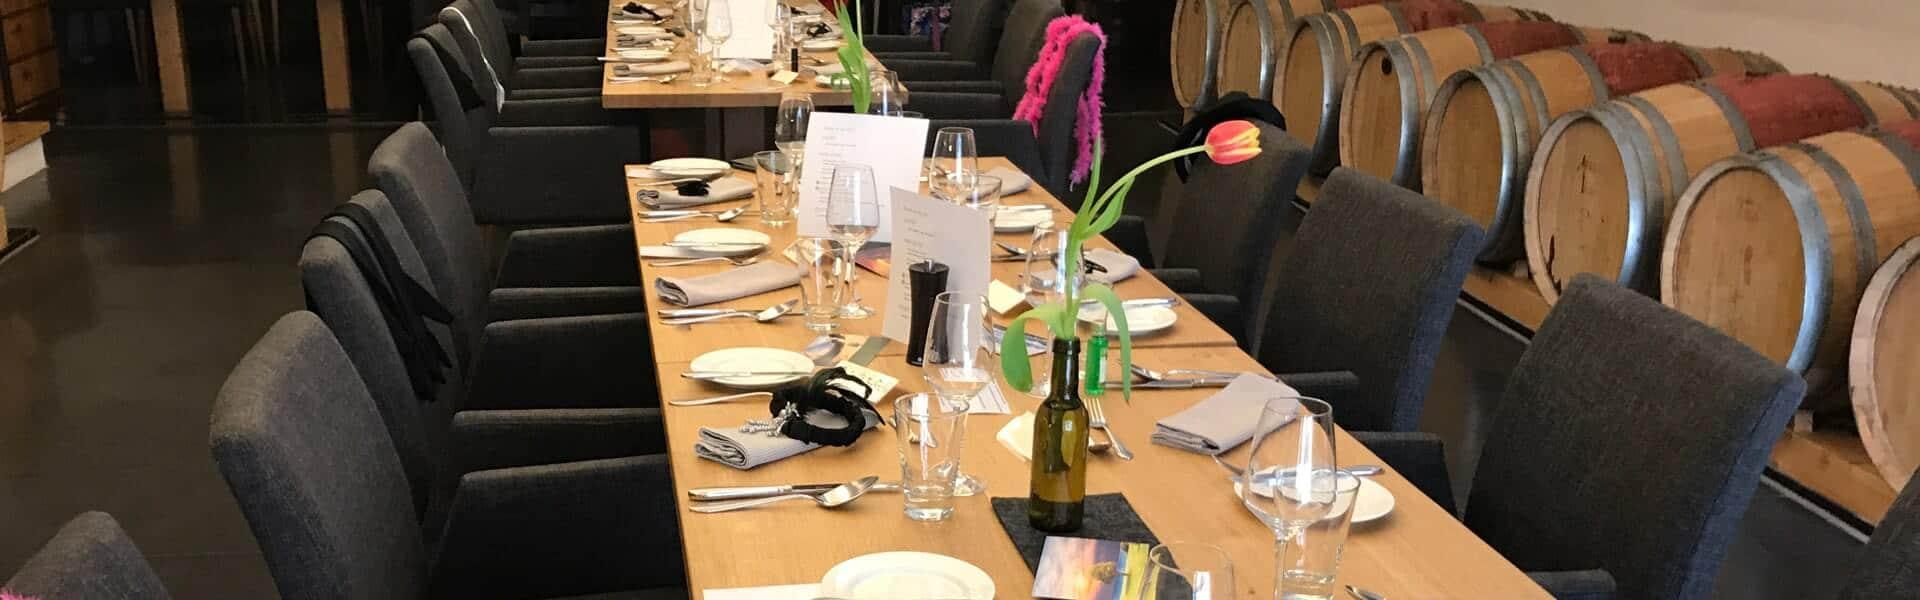 Krimireiches Rollenspiel mit Tod auf dem Lavendelfeld als Rahmenprogramm zum Dinner auf dem Betriebsausflug mit b-ceed